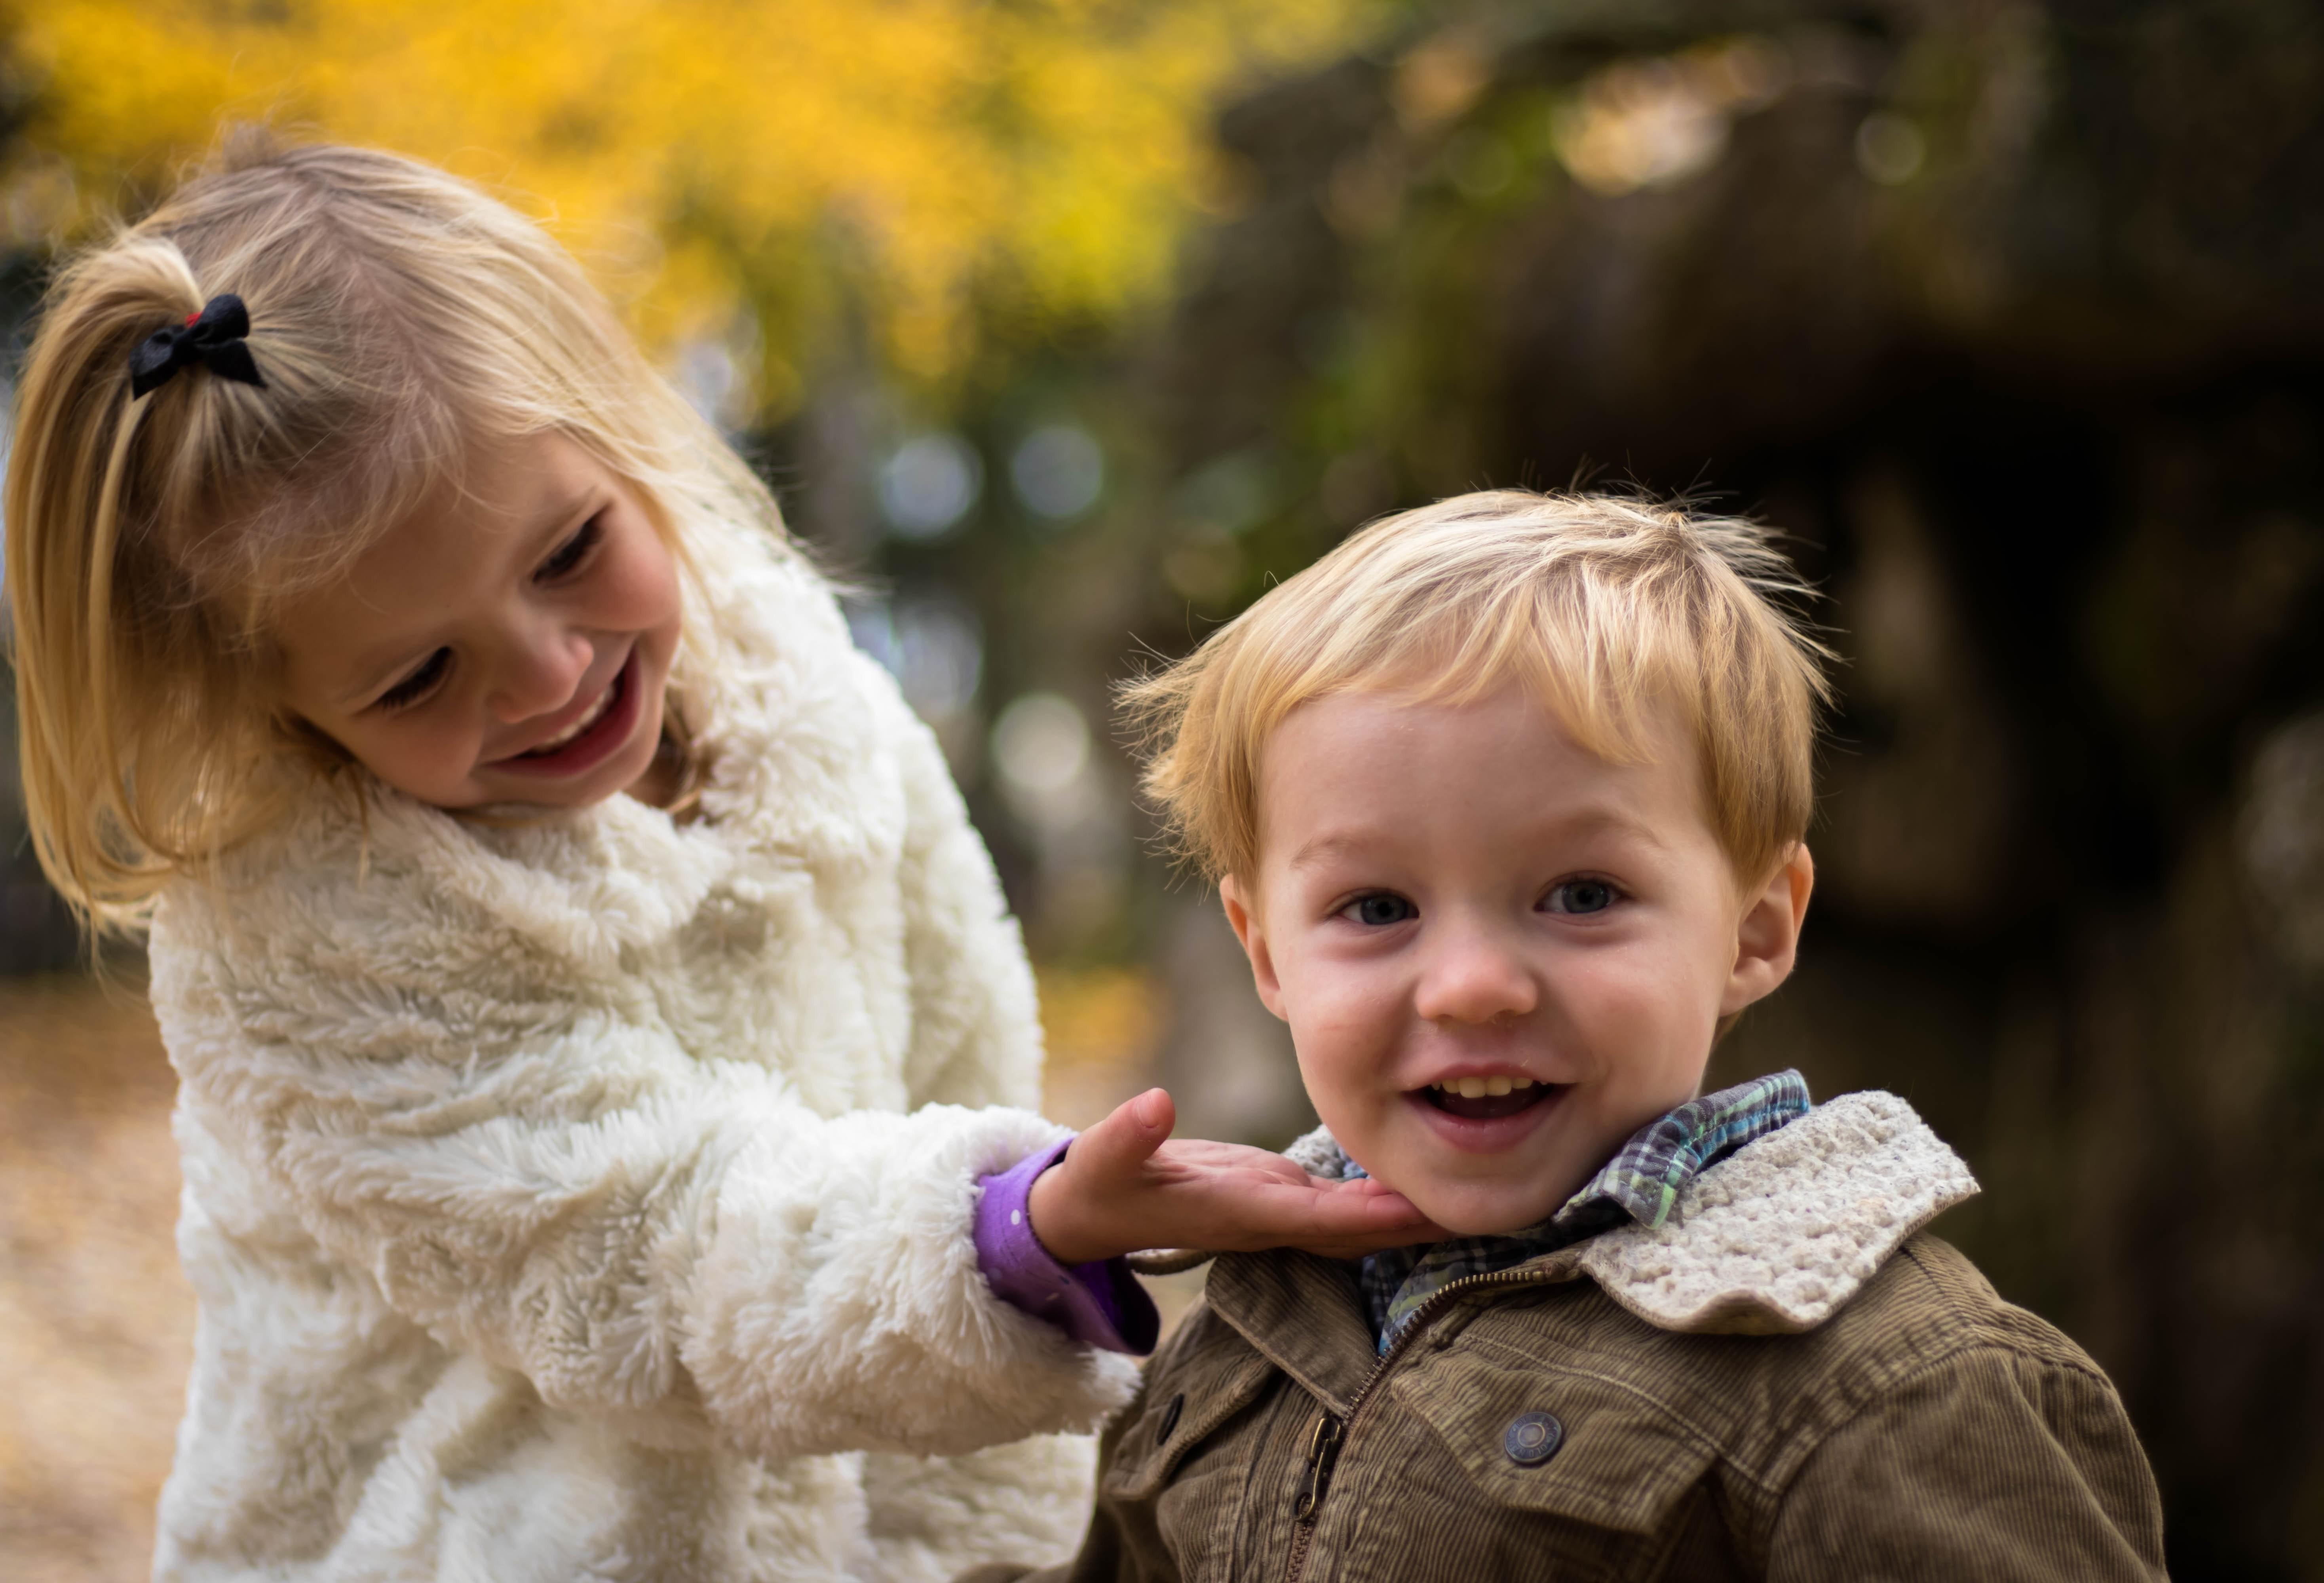 Как правильно хвалить ребенка: 5 советов от психологов